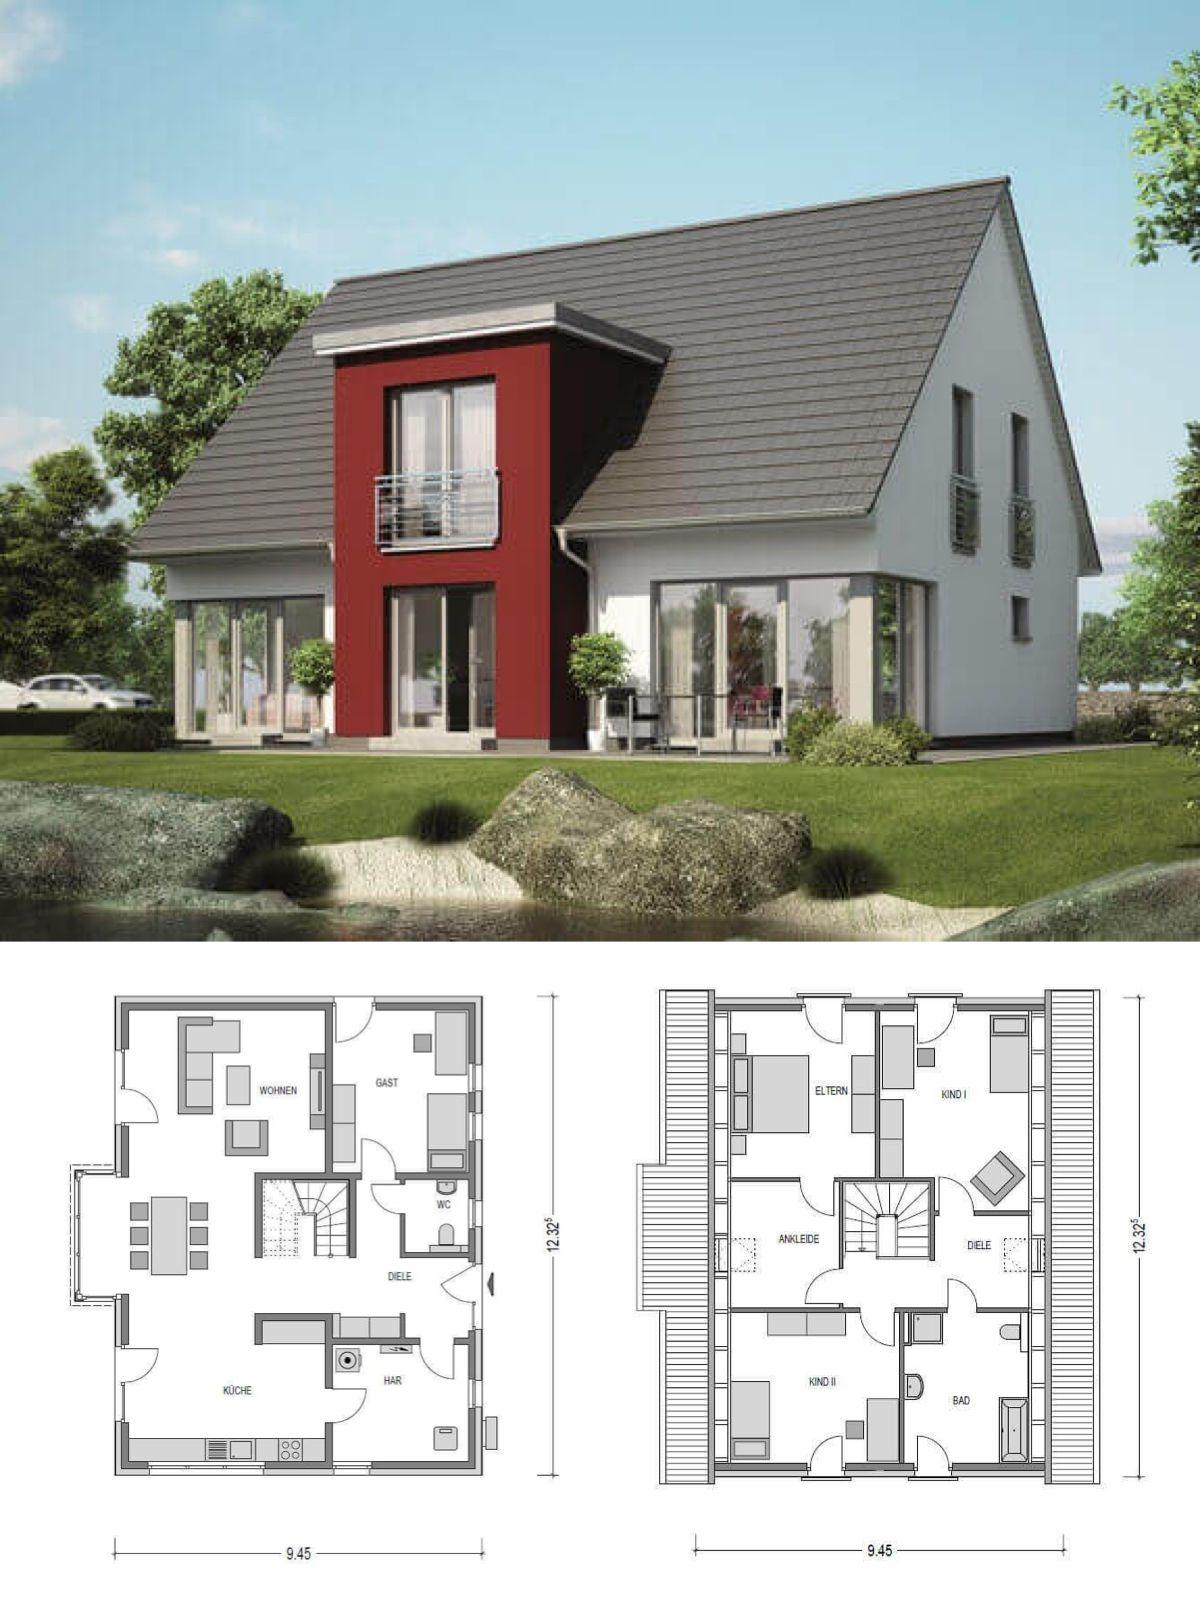 modernes einfamilienhaus klassisch mit satteldach architektur zwerchgiebel haus bauen. Black Bedroom Furniture Sets. Home Design Ideas